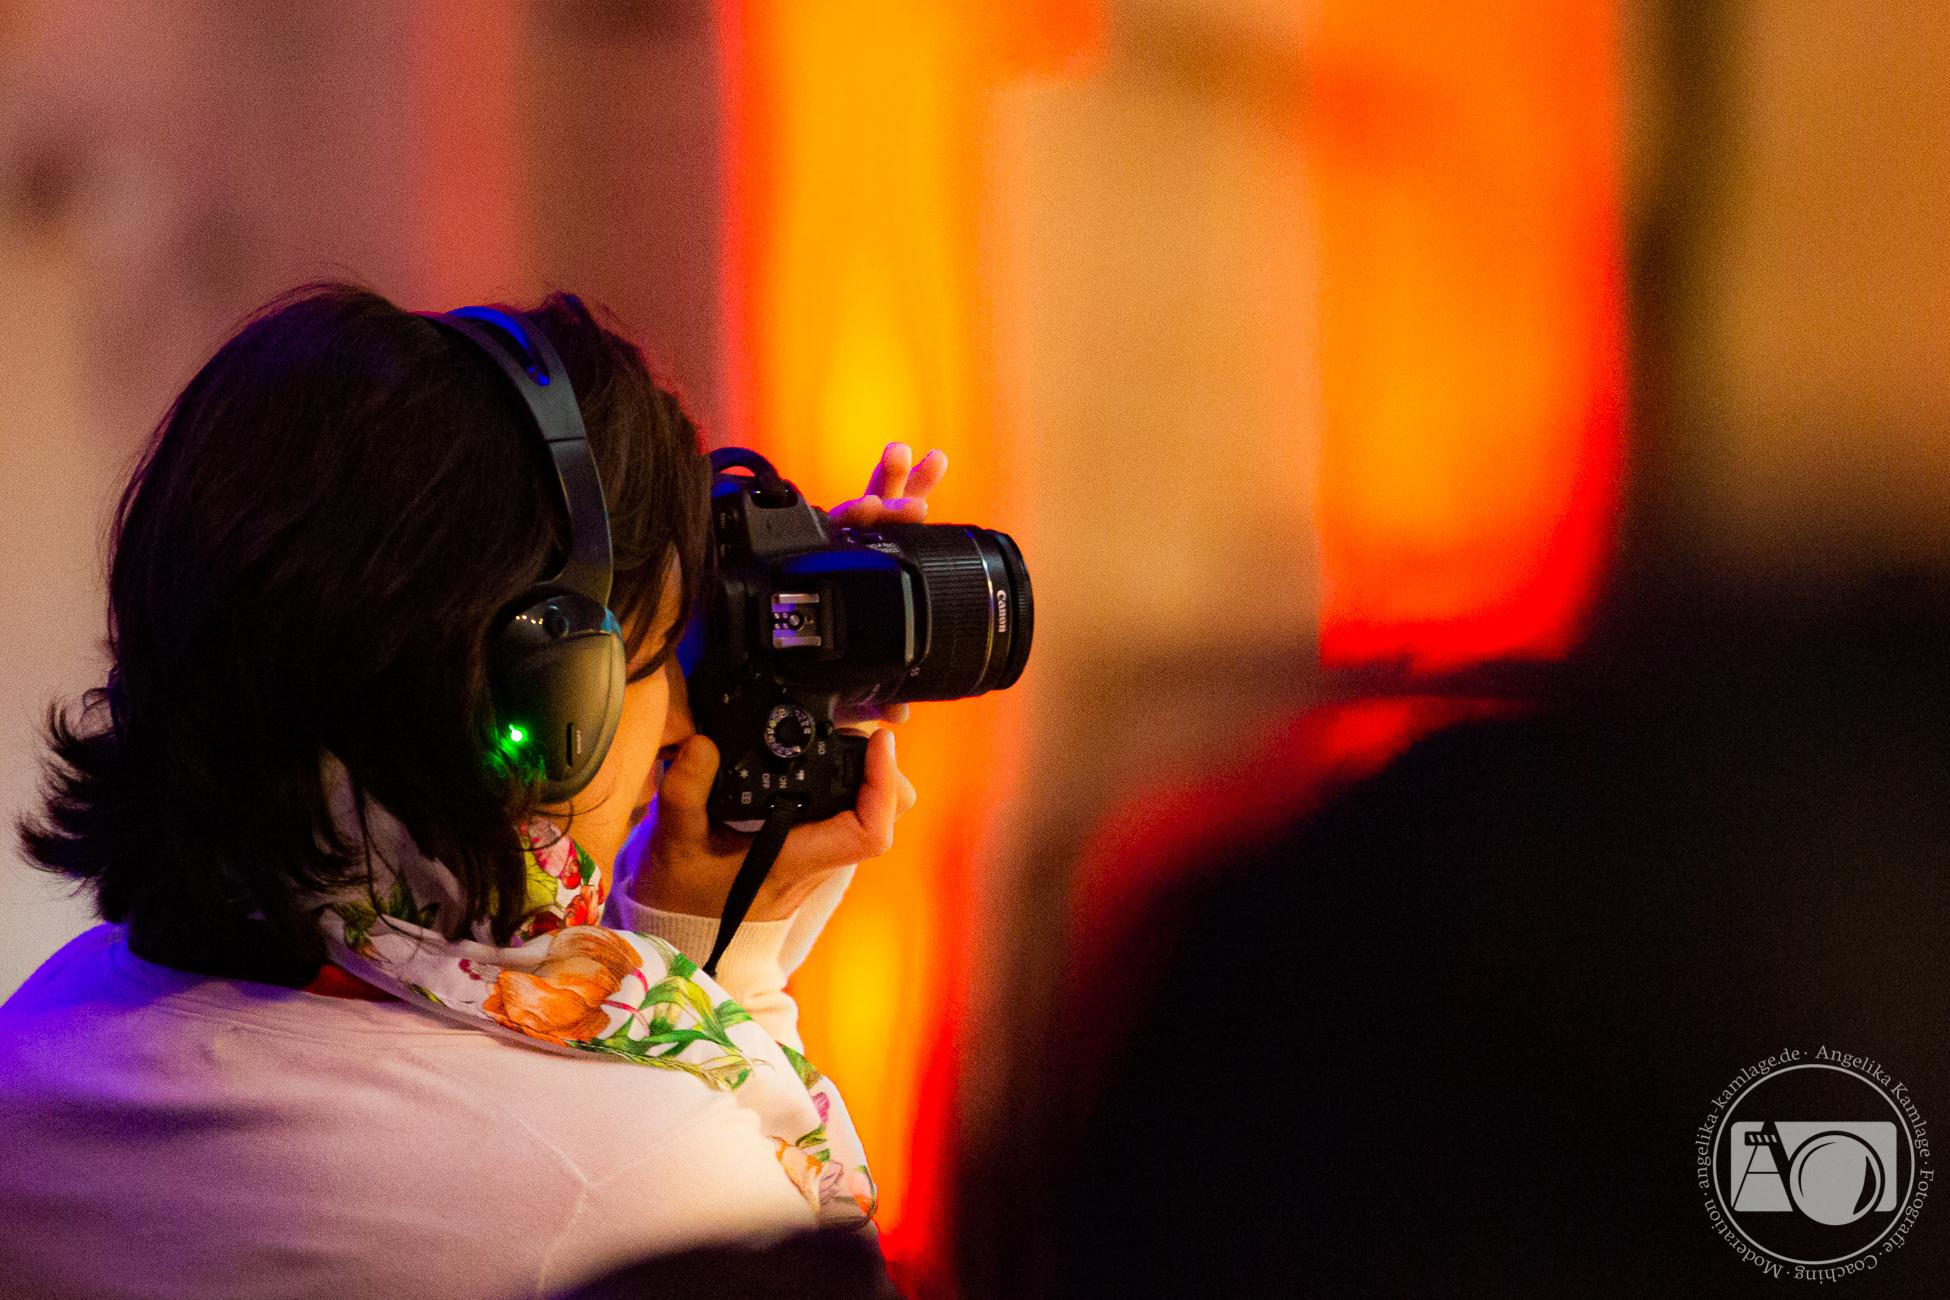 Veranstaltungs- und Porträtfotografie